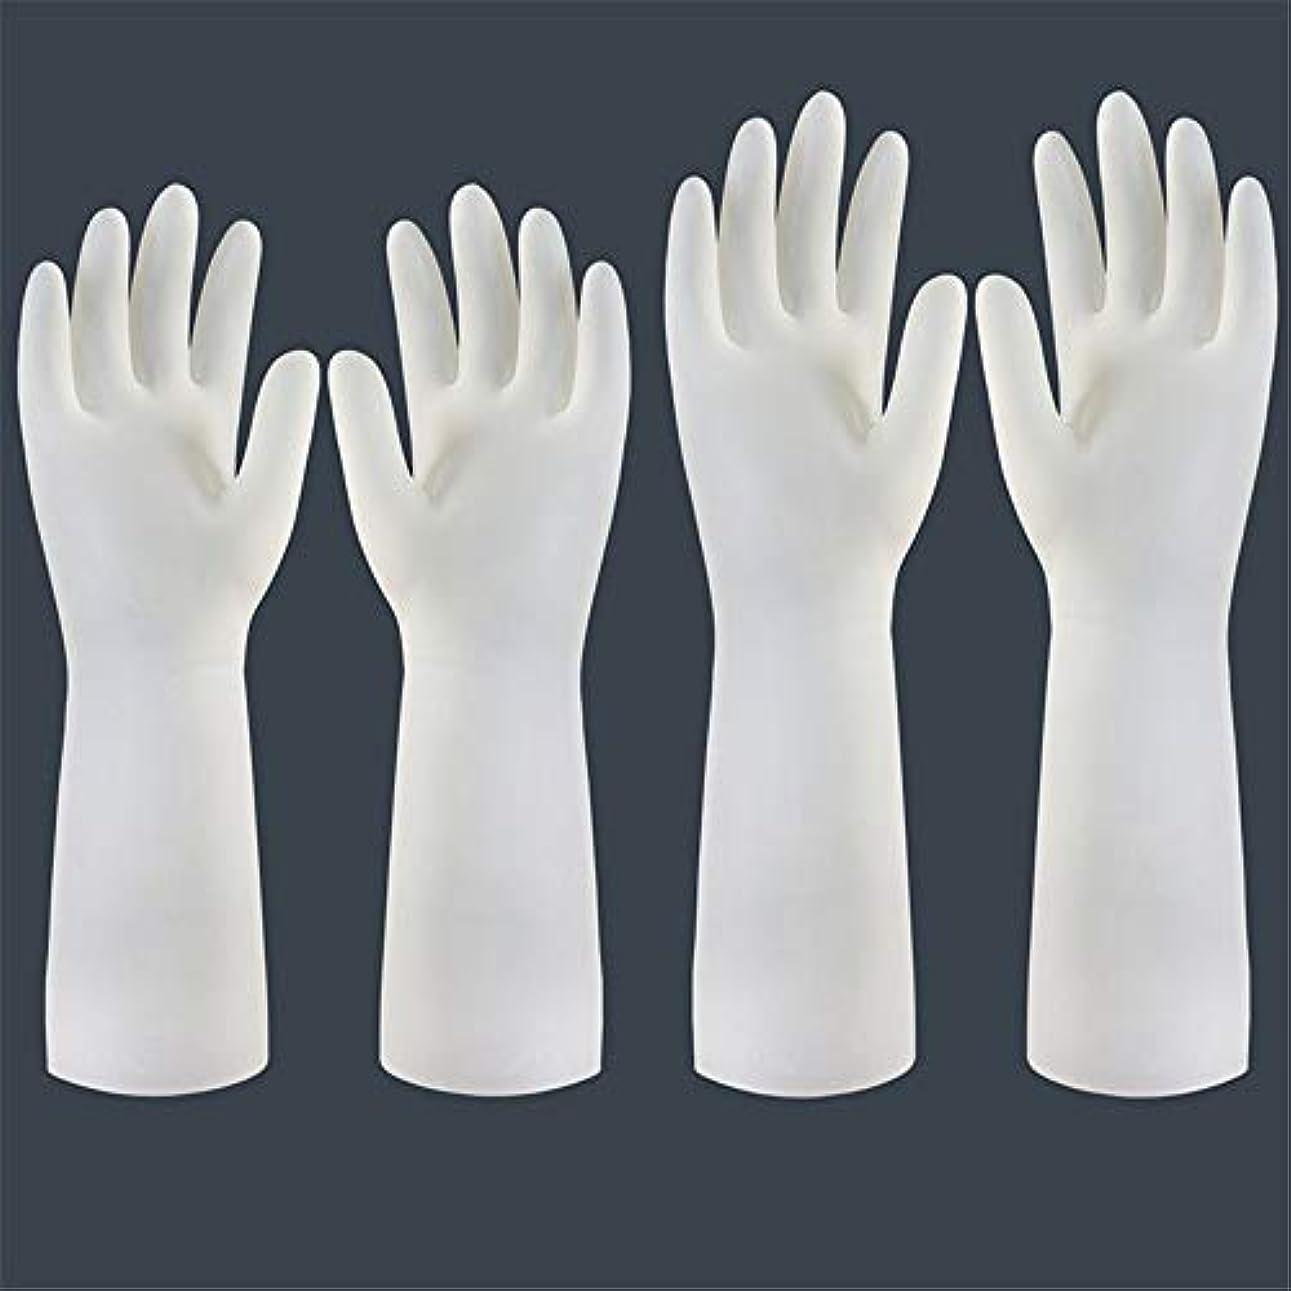 器官悲惨ジャニスニトリルゴム手袋 使い捨て手袋の防水および耐久のゴム製台所手袋、小/中/大 使い捨て手袋 (Color : Short+long, Size : M)